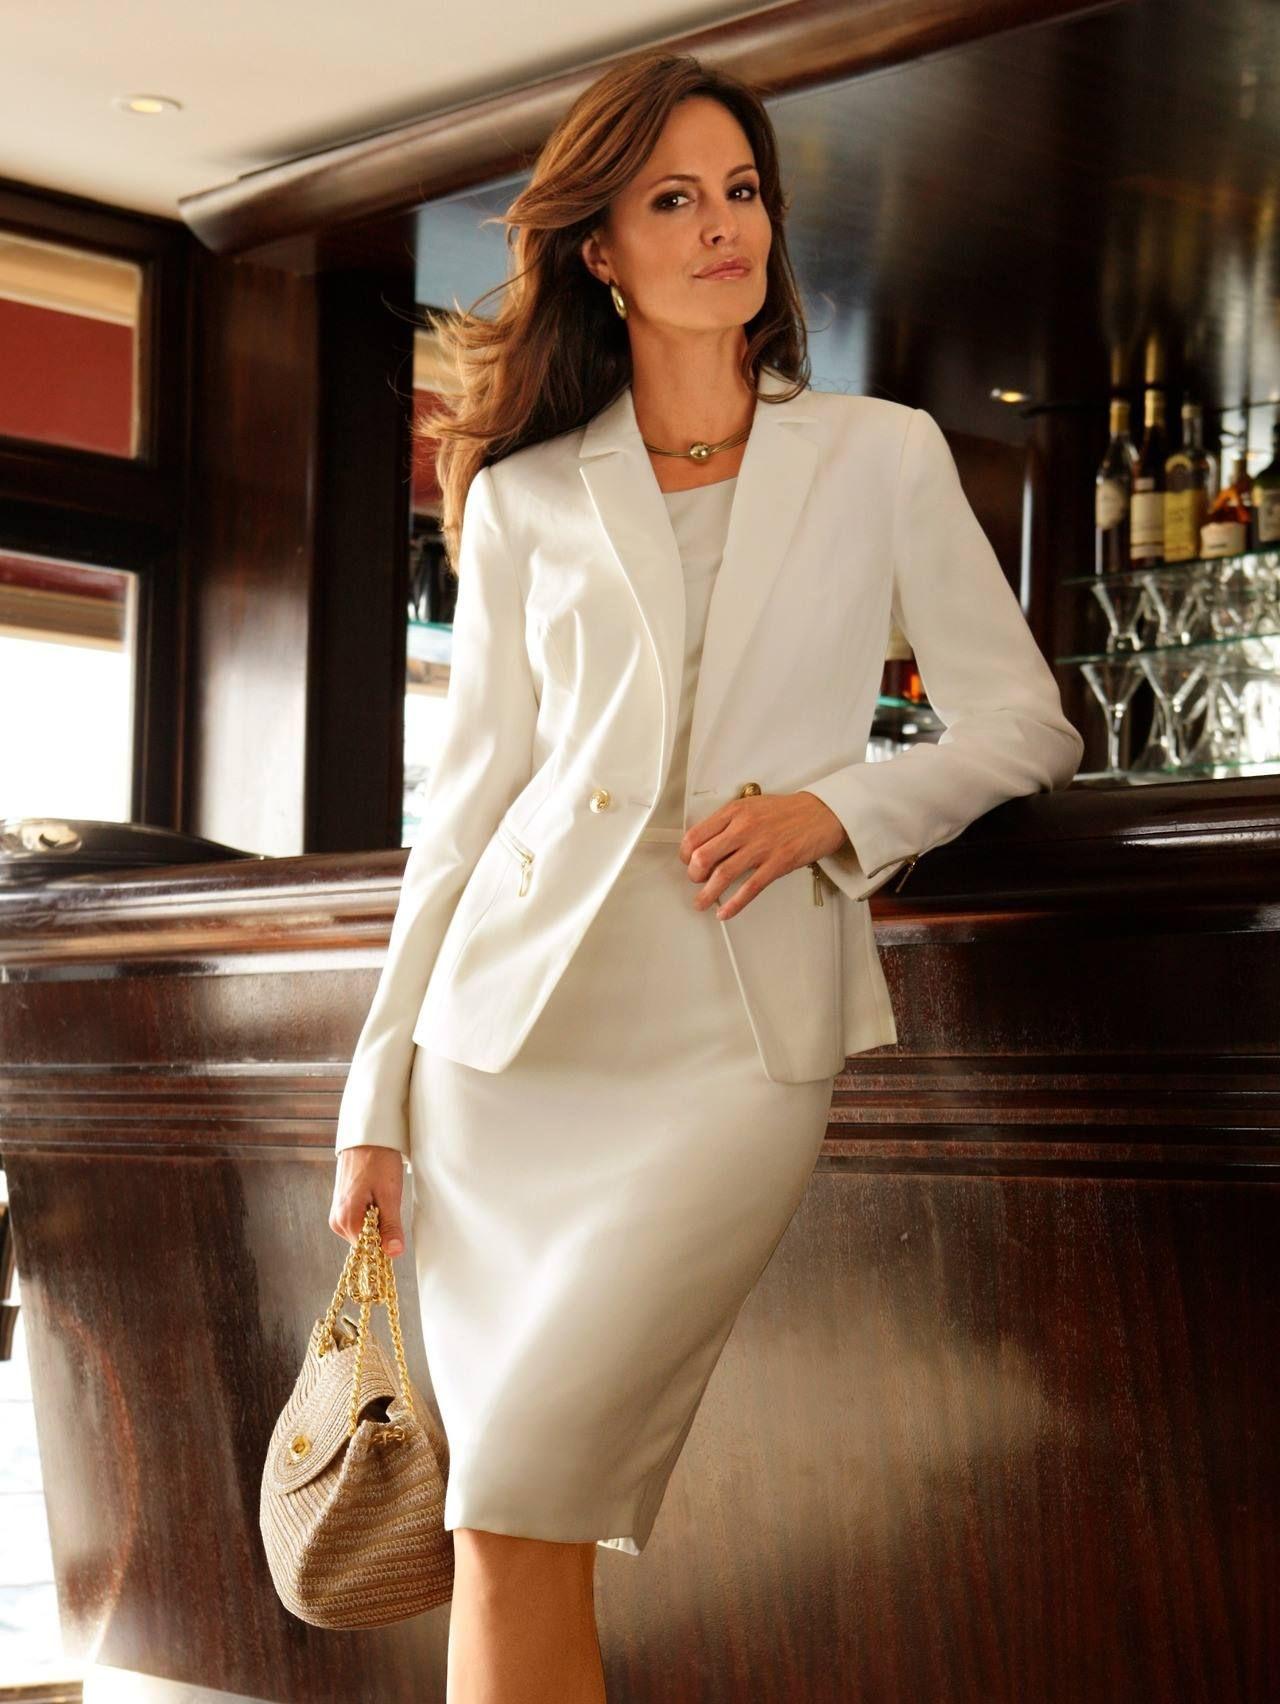 336634fe29 Fehér kosztüm fehér blúzzal - nappali alkalmakra tökéletes viselet. A  szoknyához és blézerhez jól lehet üde színű topokat venni, az is jó  összképet mutat.